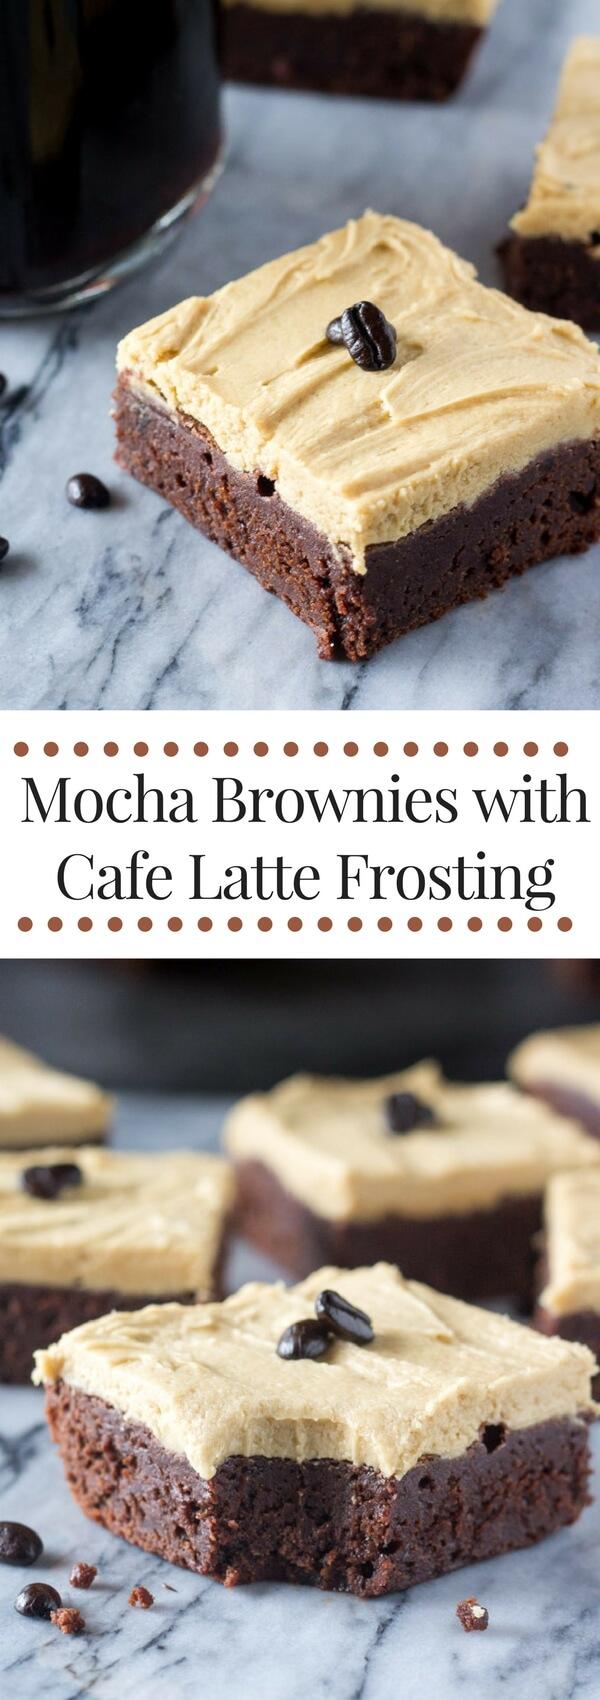 Coffee Chocolate Brownies With Mocha Icing